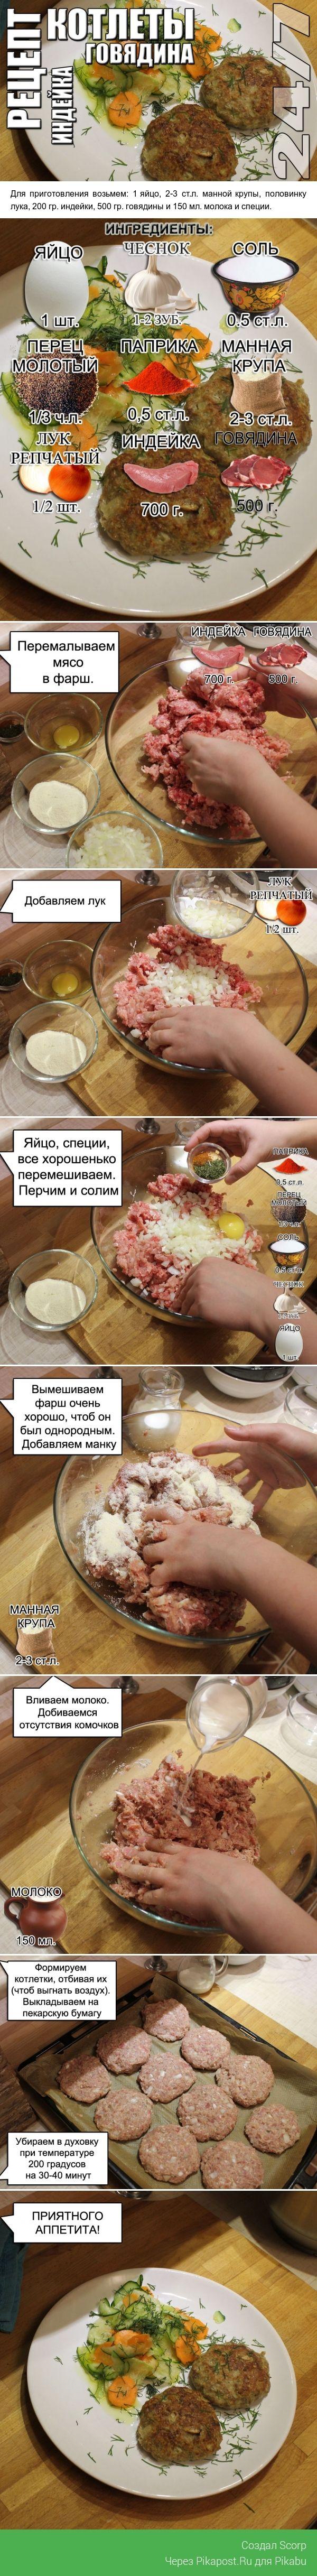 Рецепт. Котлеты из говядины и индейки. рецепт, кулинария, Интересное, длиннопост, Видео, котлета, моё, кухня